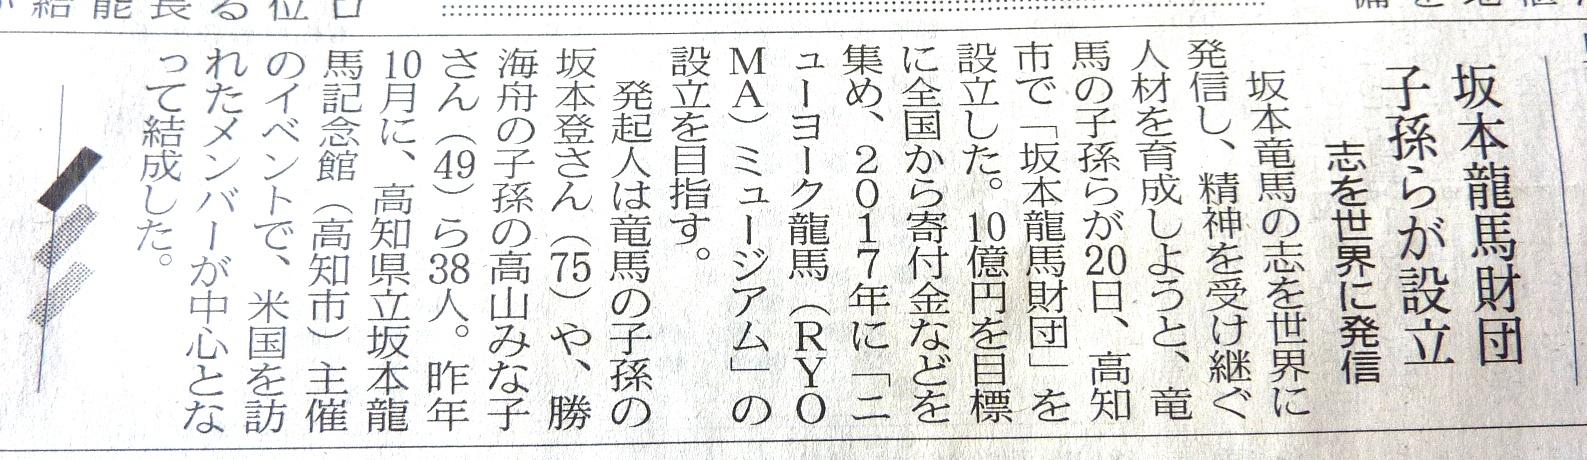 坂本龍馬財団シンポジューム@高知 _f0088456_162674.jpg